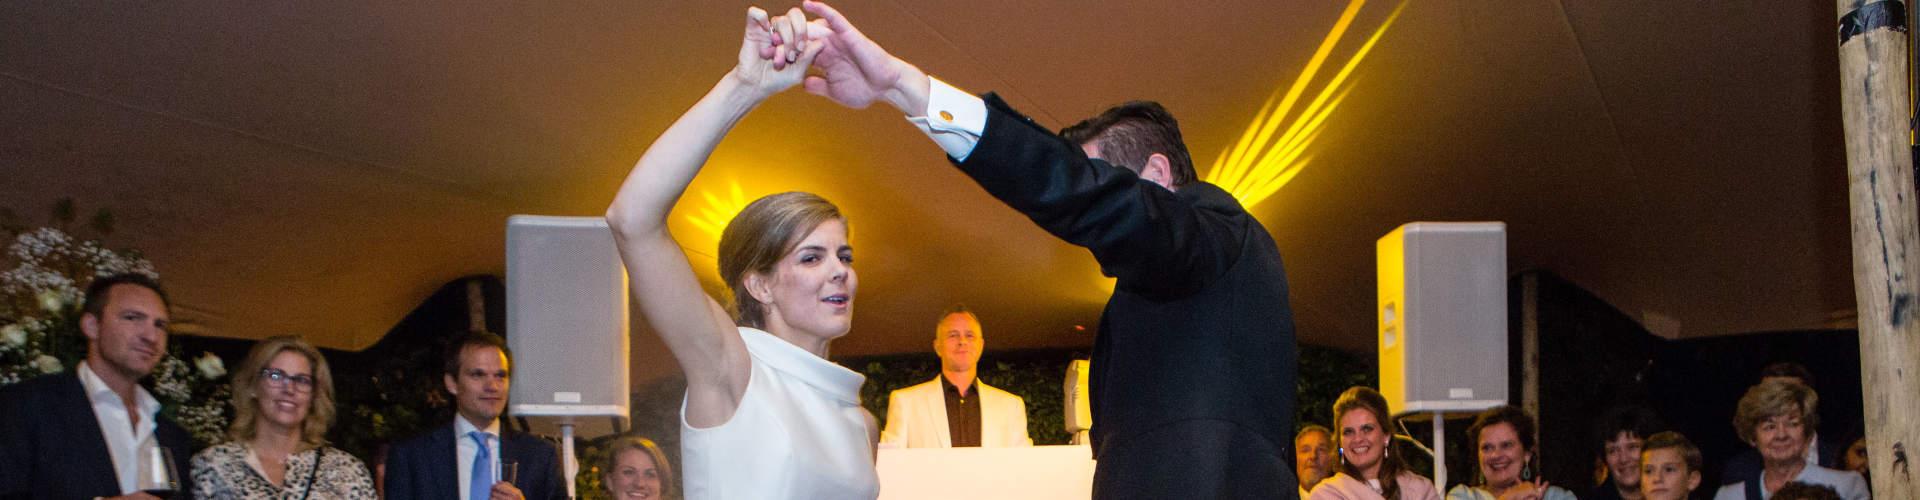 DJ in Bodegraven inhuren DJ Johan Post boeken hier tijdens exclusieve bruiloft